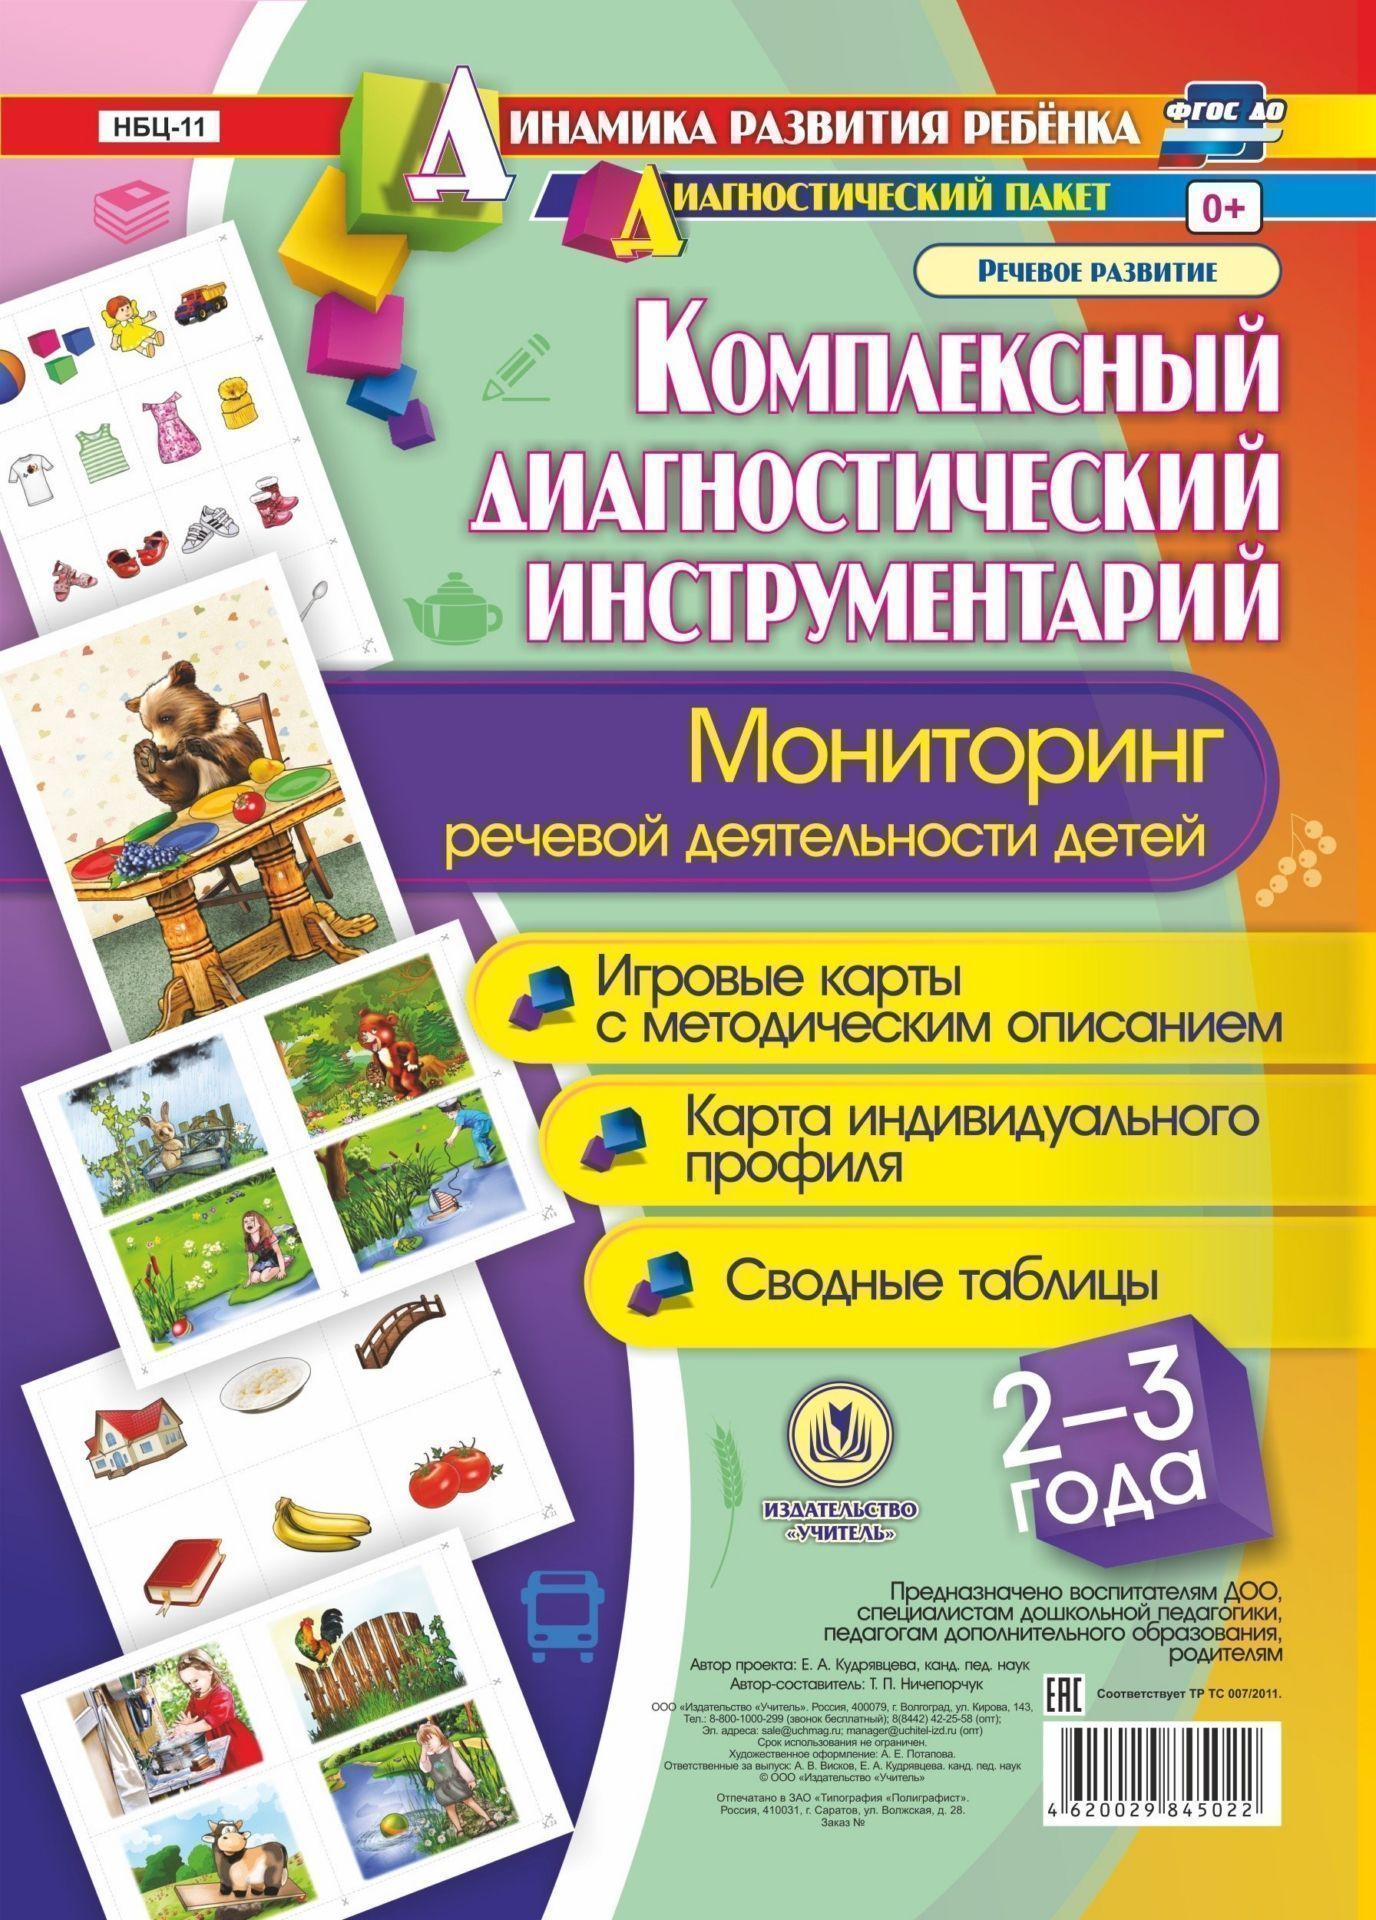 Купить со скидкой Комплексный диагностический инструментарий. Мониторинг речевой деятельности детей 2-3 лет: игровые к